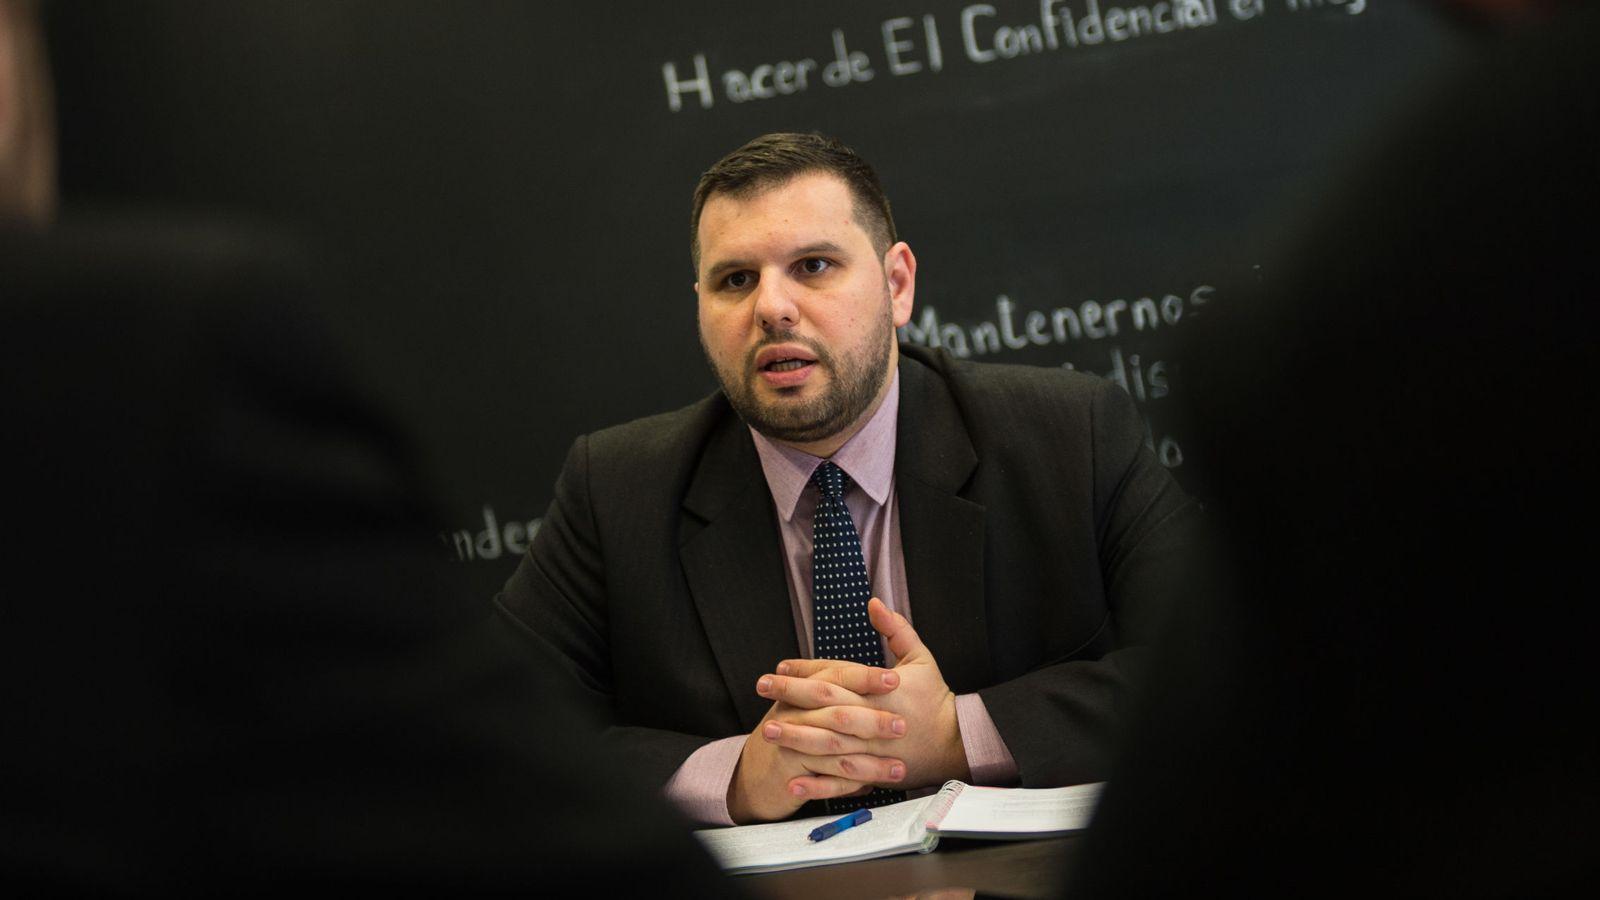 Foto: Dan Staonescu, durante su visita a El Confidencial (Pablo López Learte)